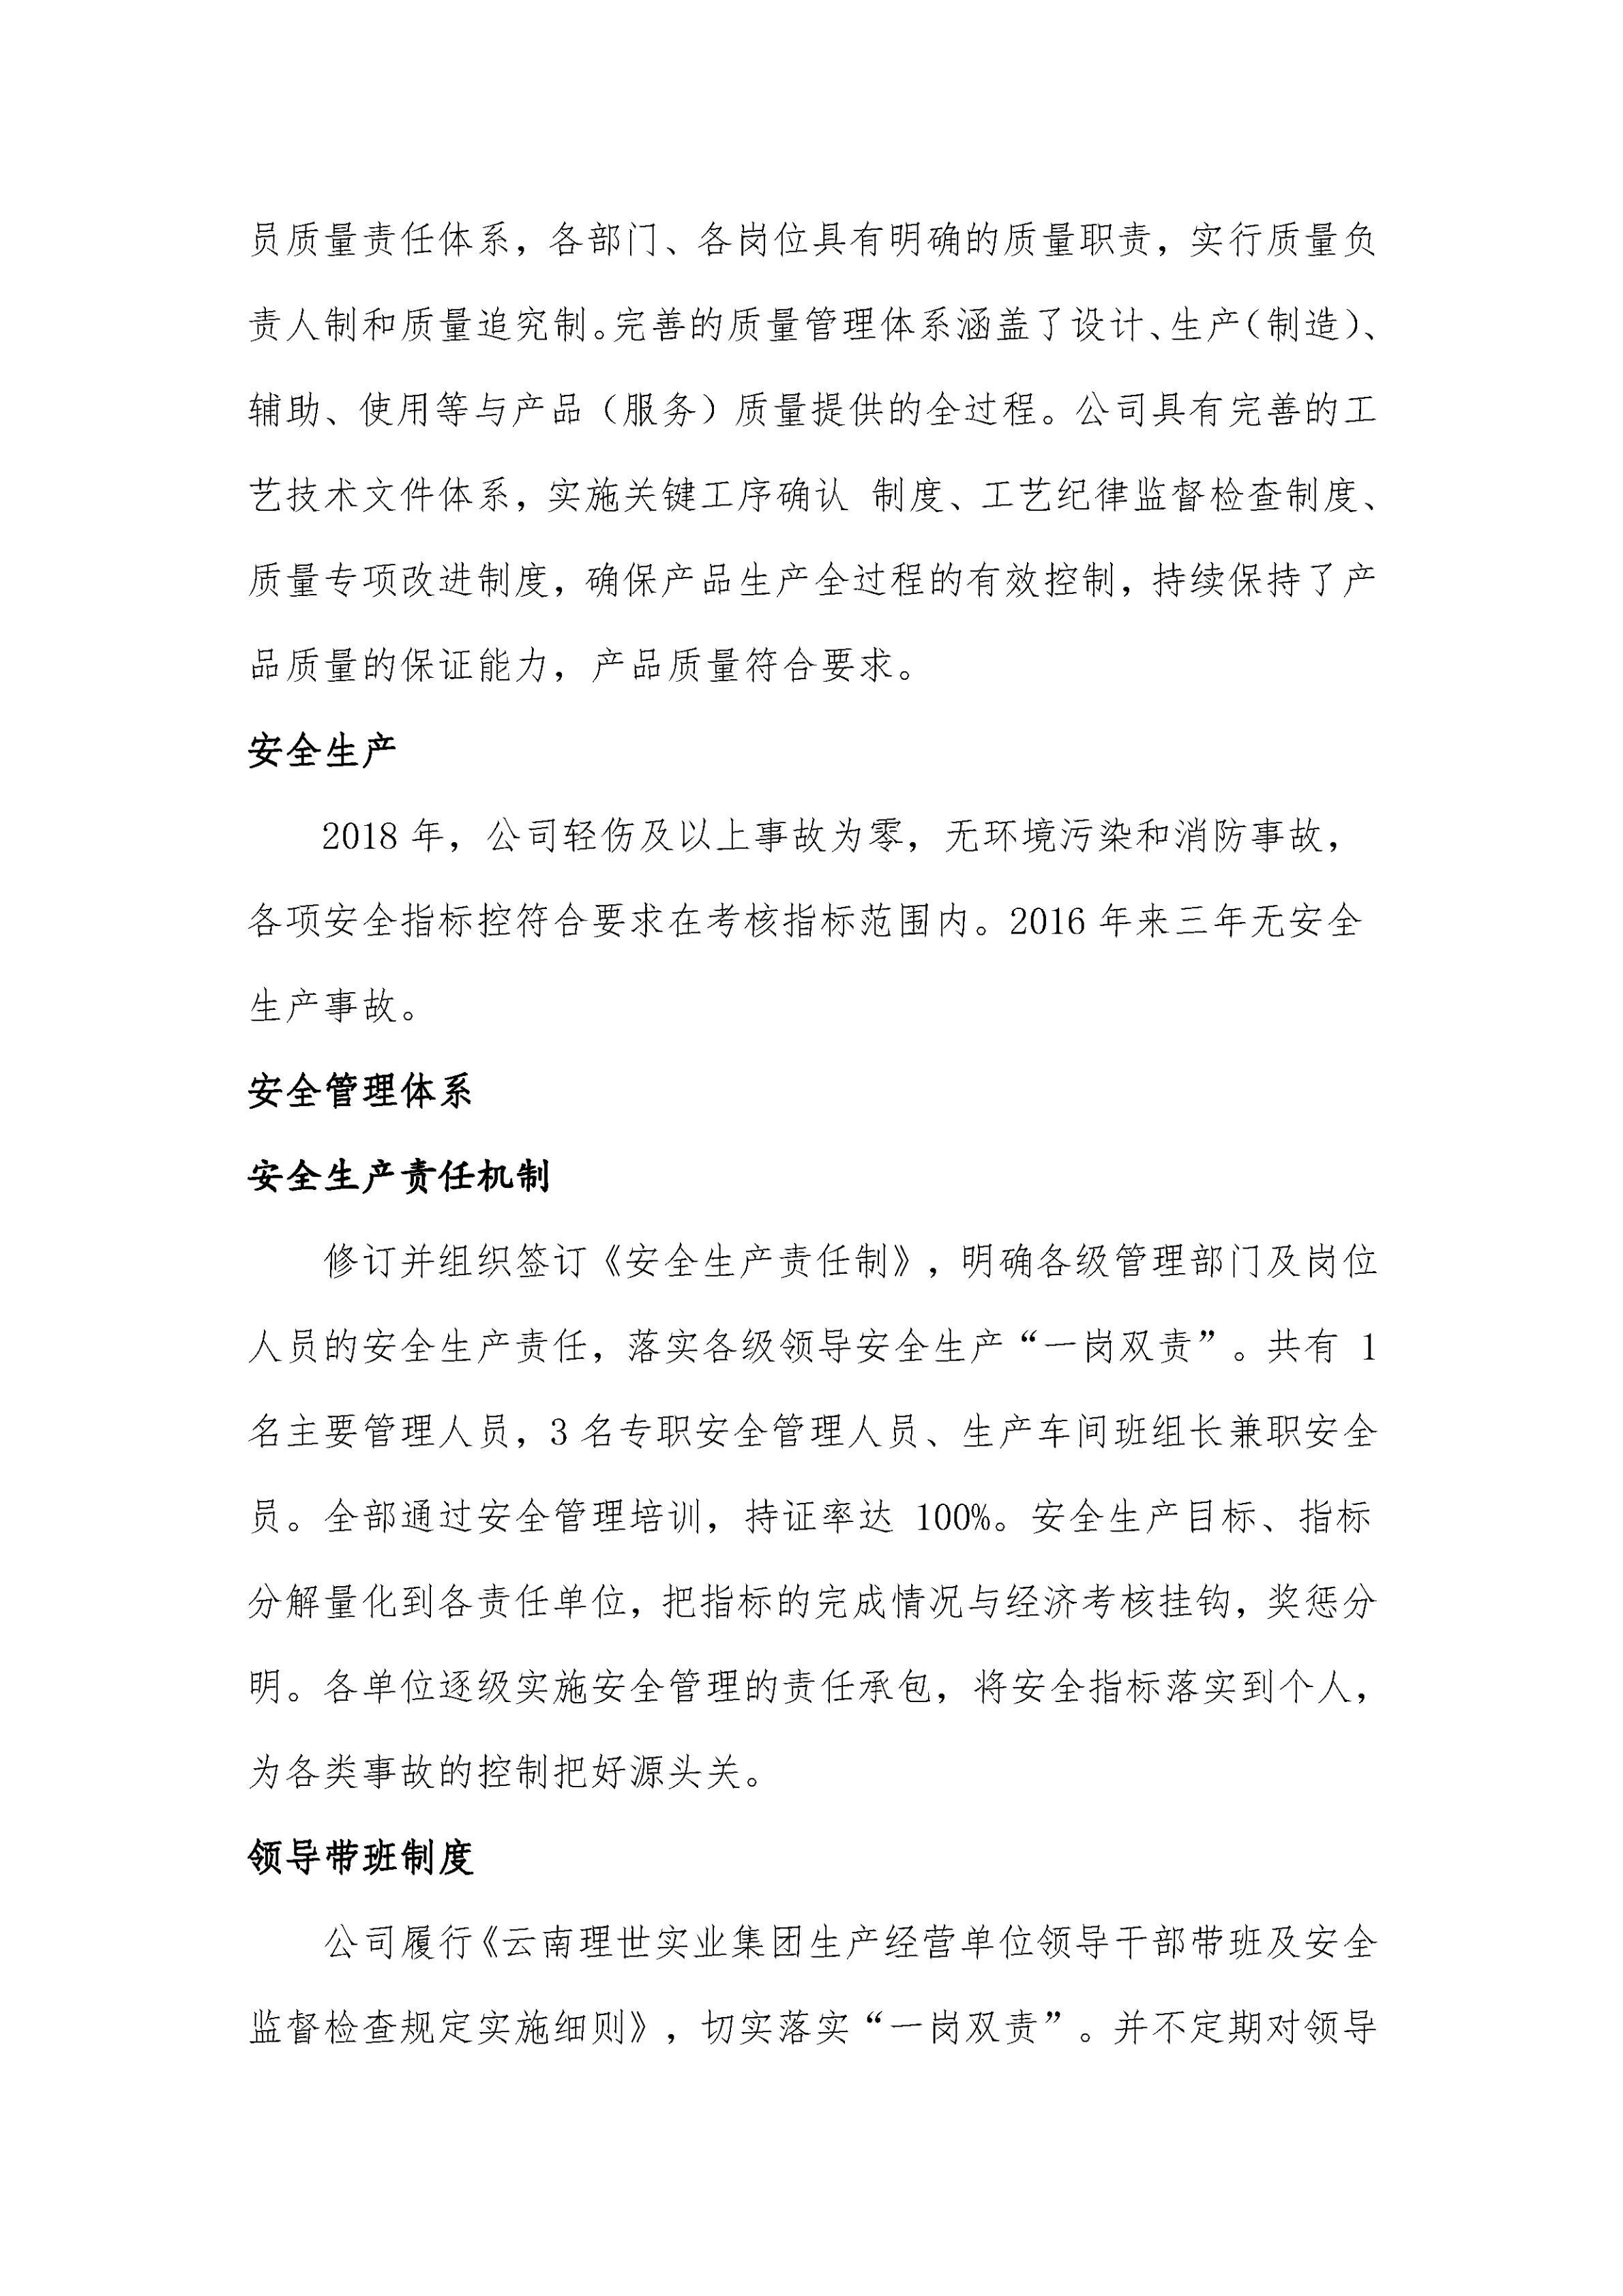 云南理世實業(集團)有限責任公司2018年社會責任報告.FR11_07.jpg